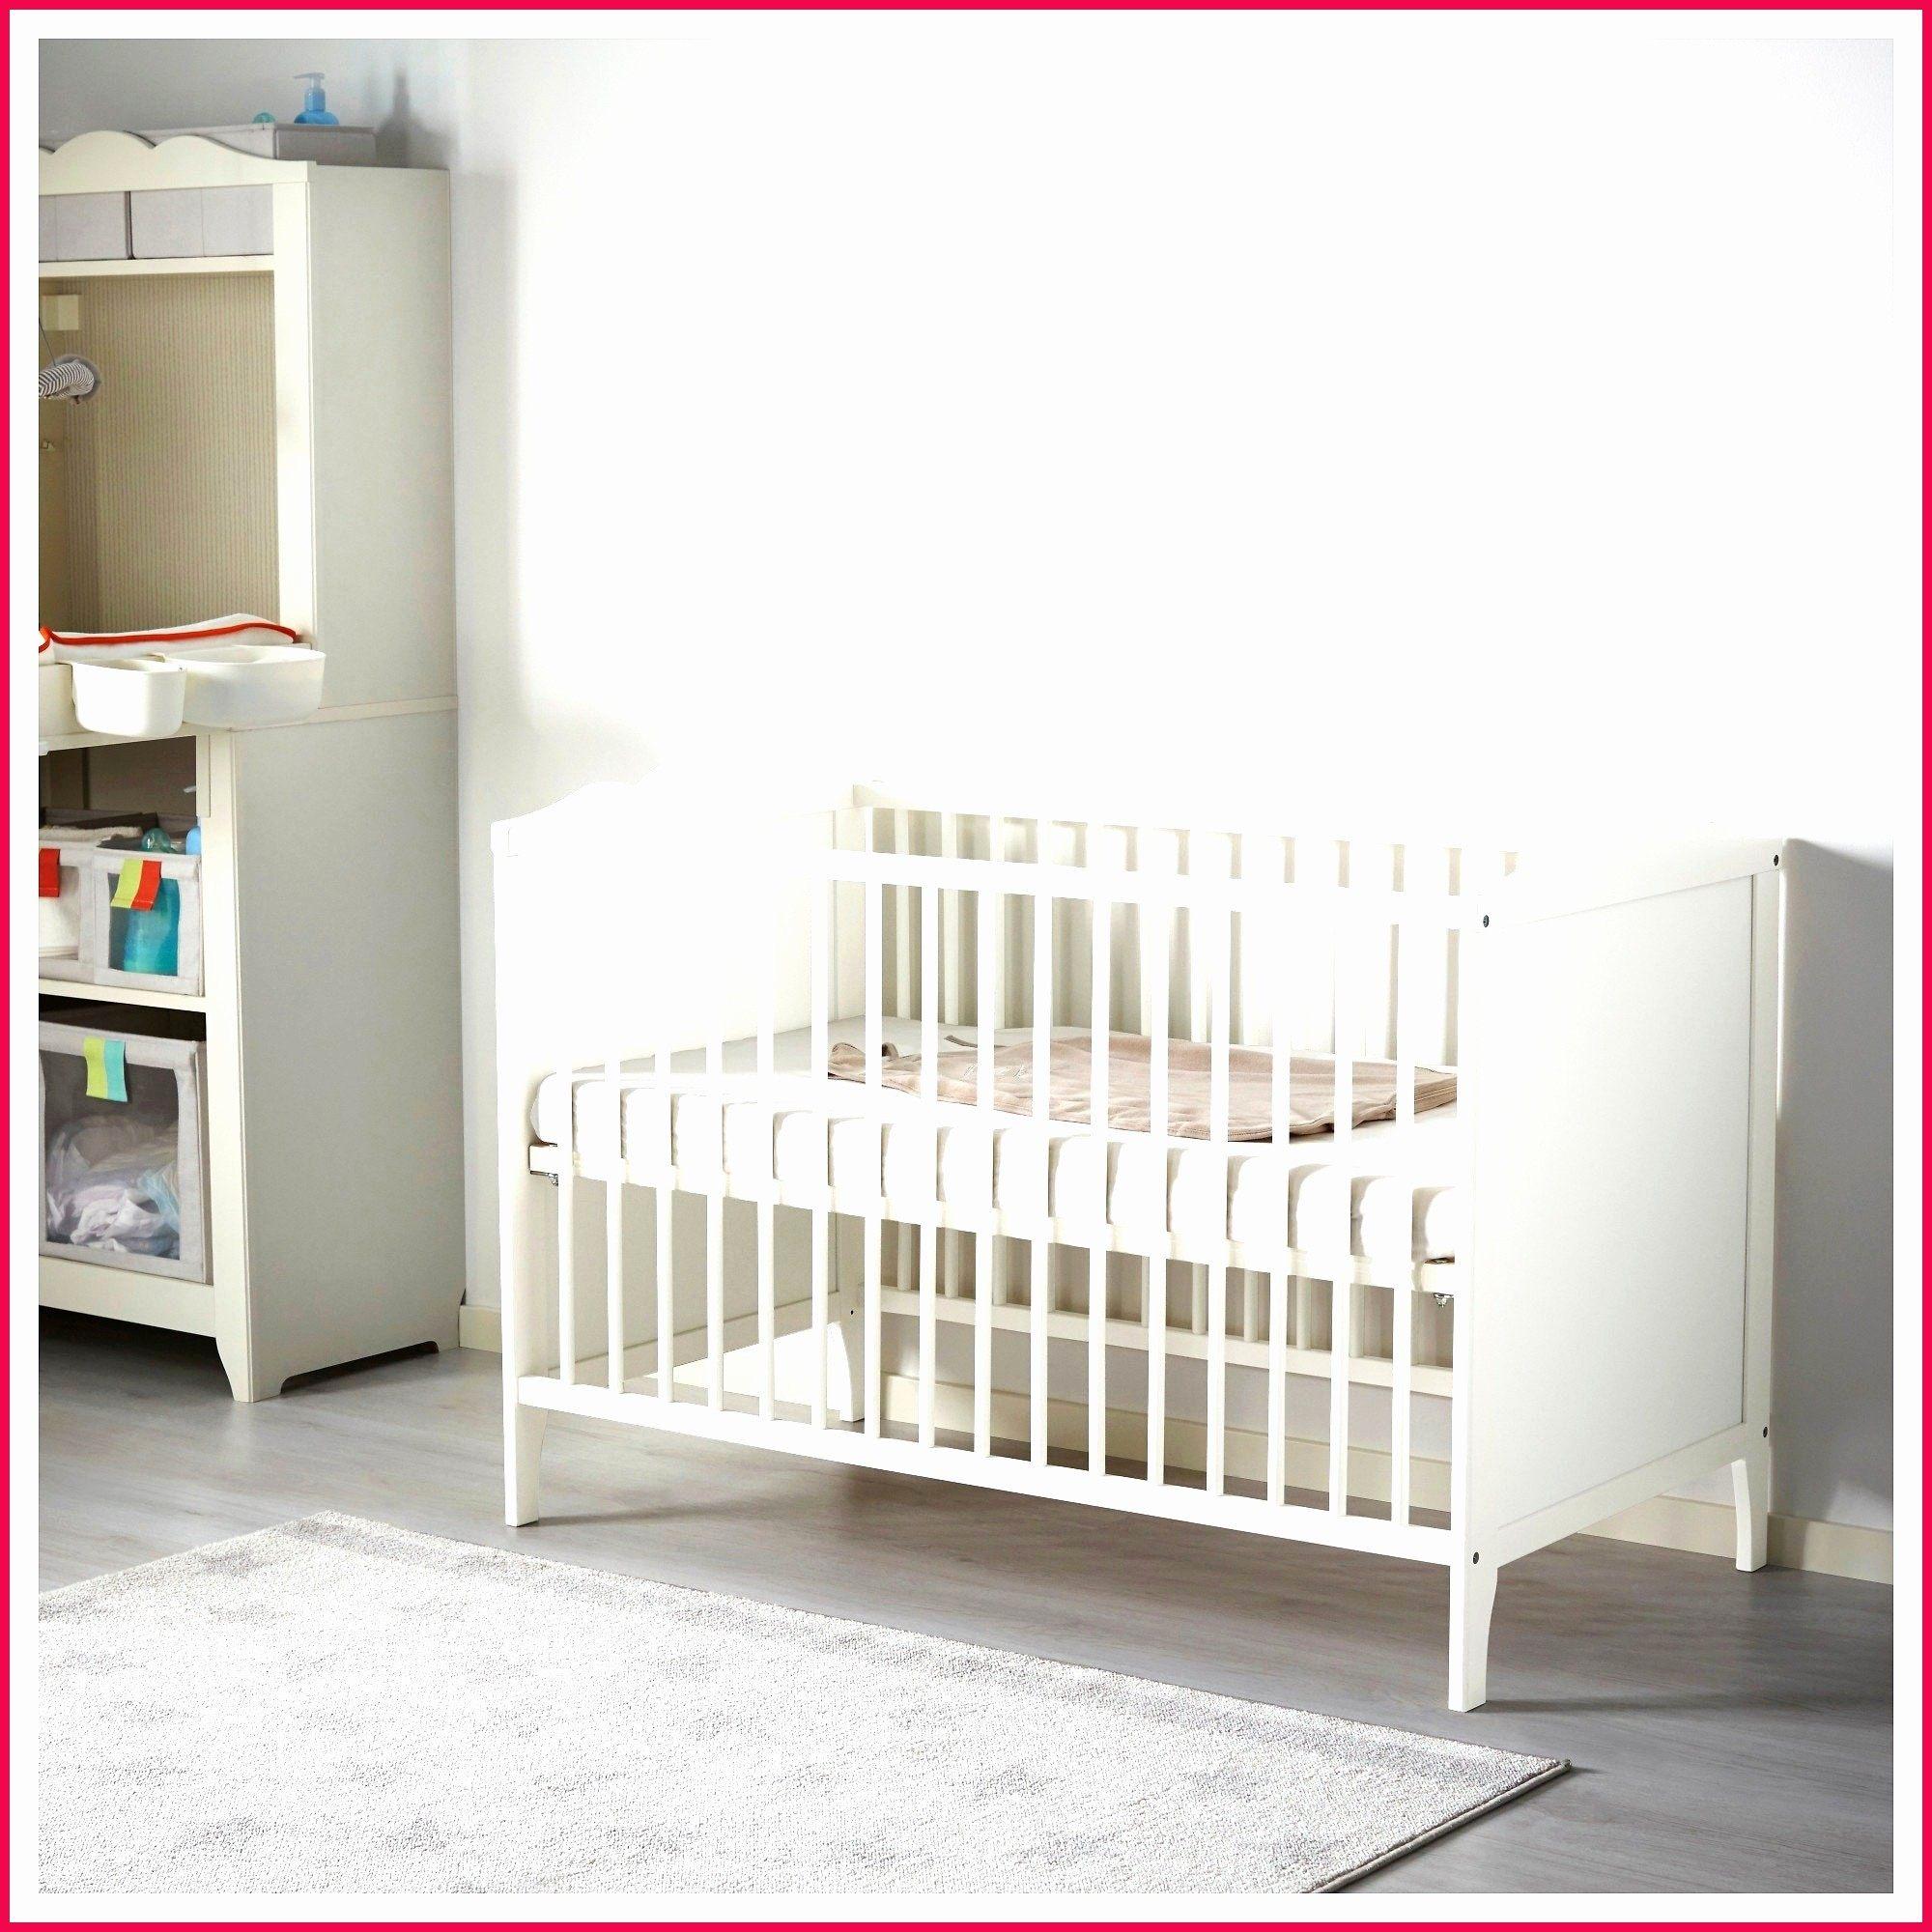 Lit Bébé Au sol Beau Baignoire Pliante Bébé Beautiful Lit Bebe Luxe 36 Ikea Best De Avec